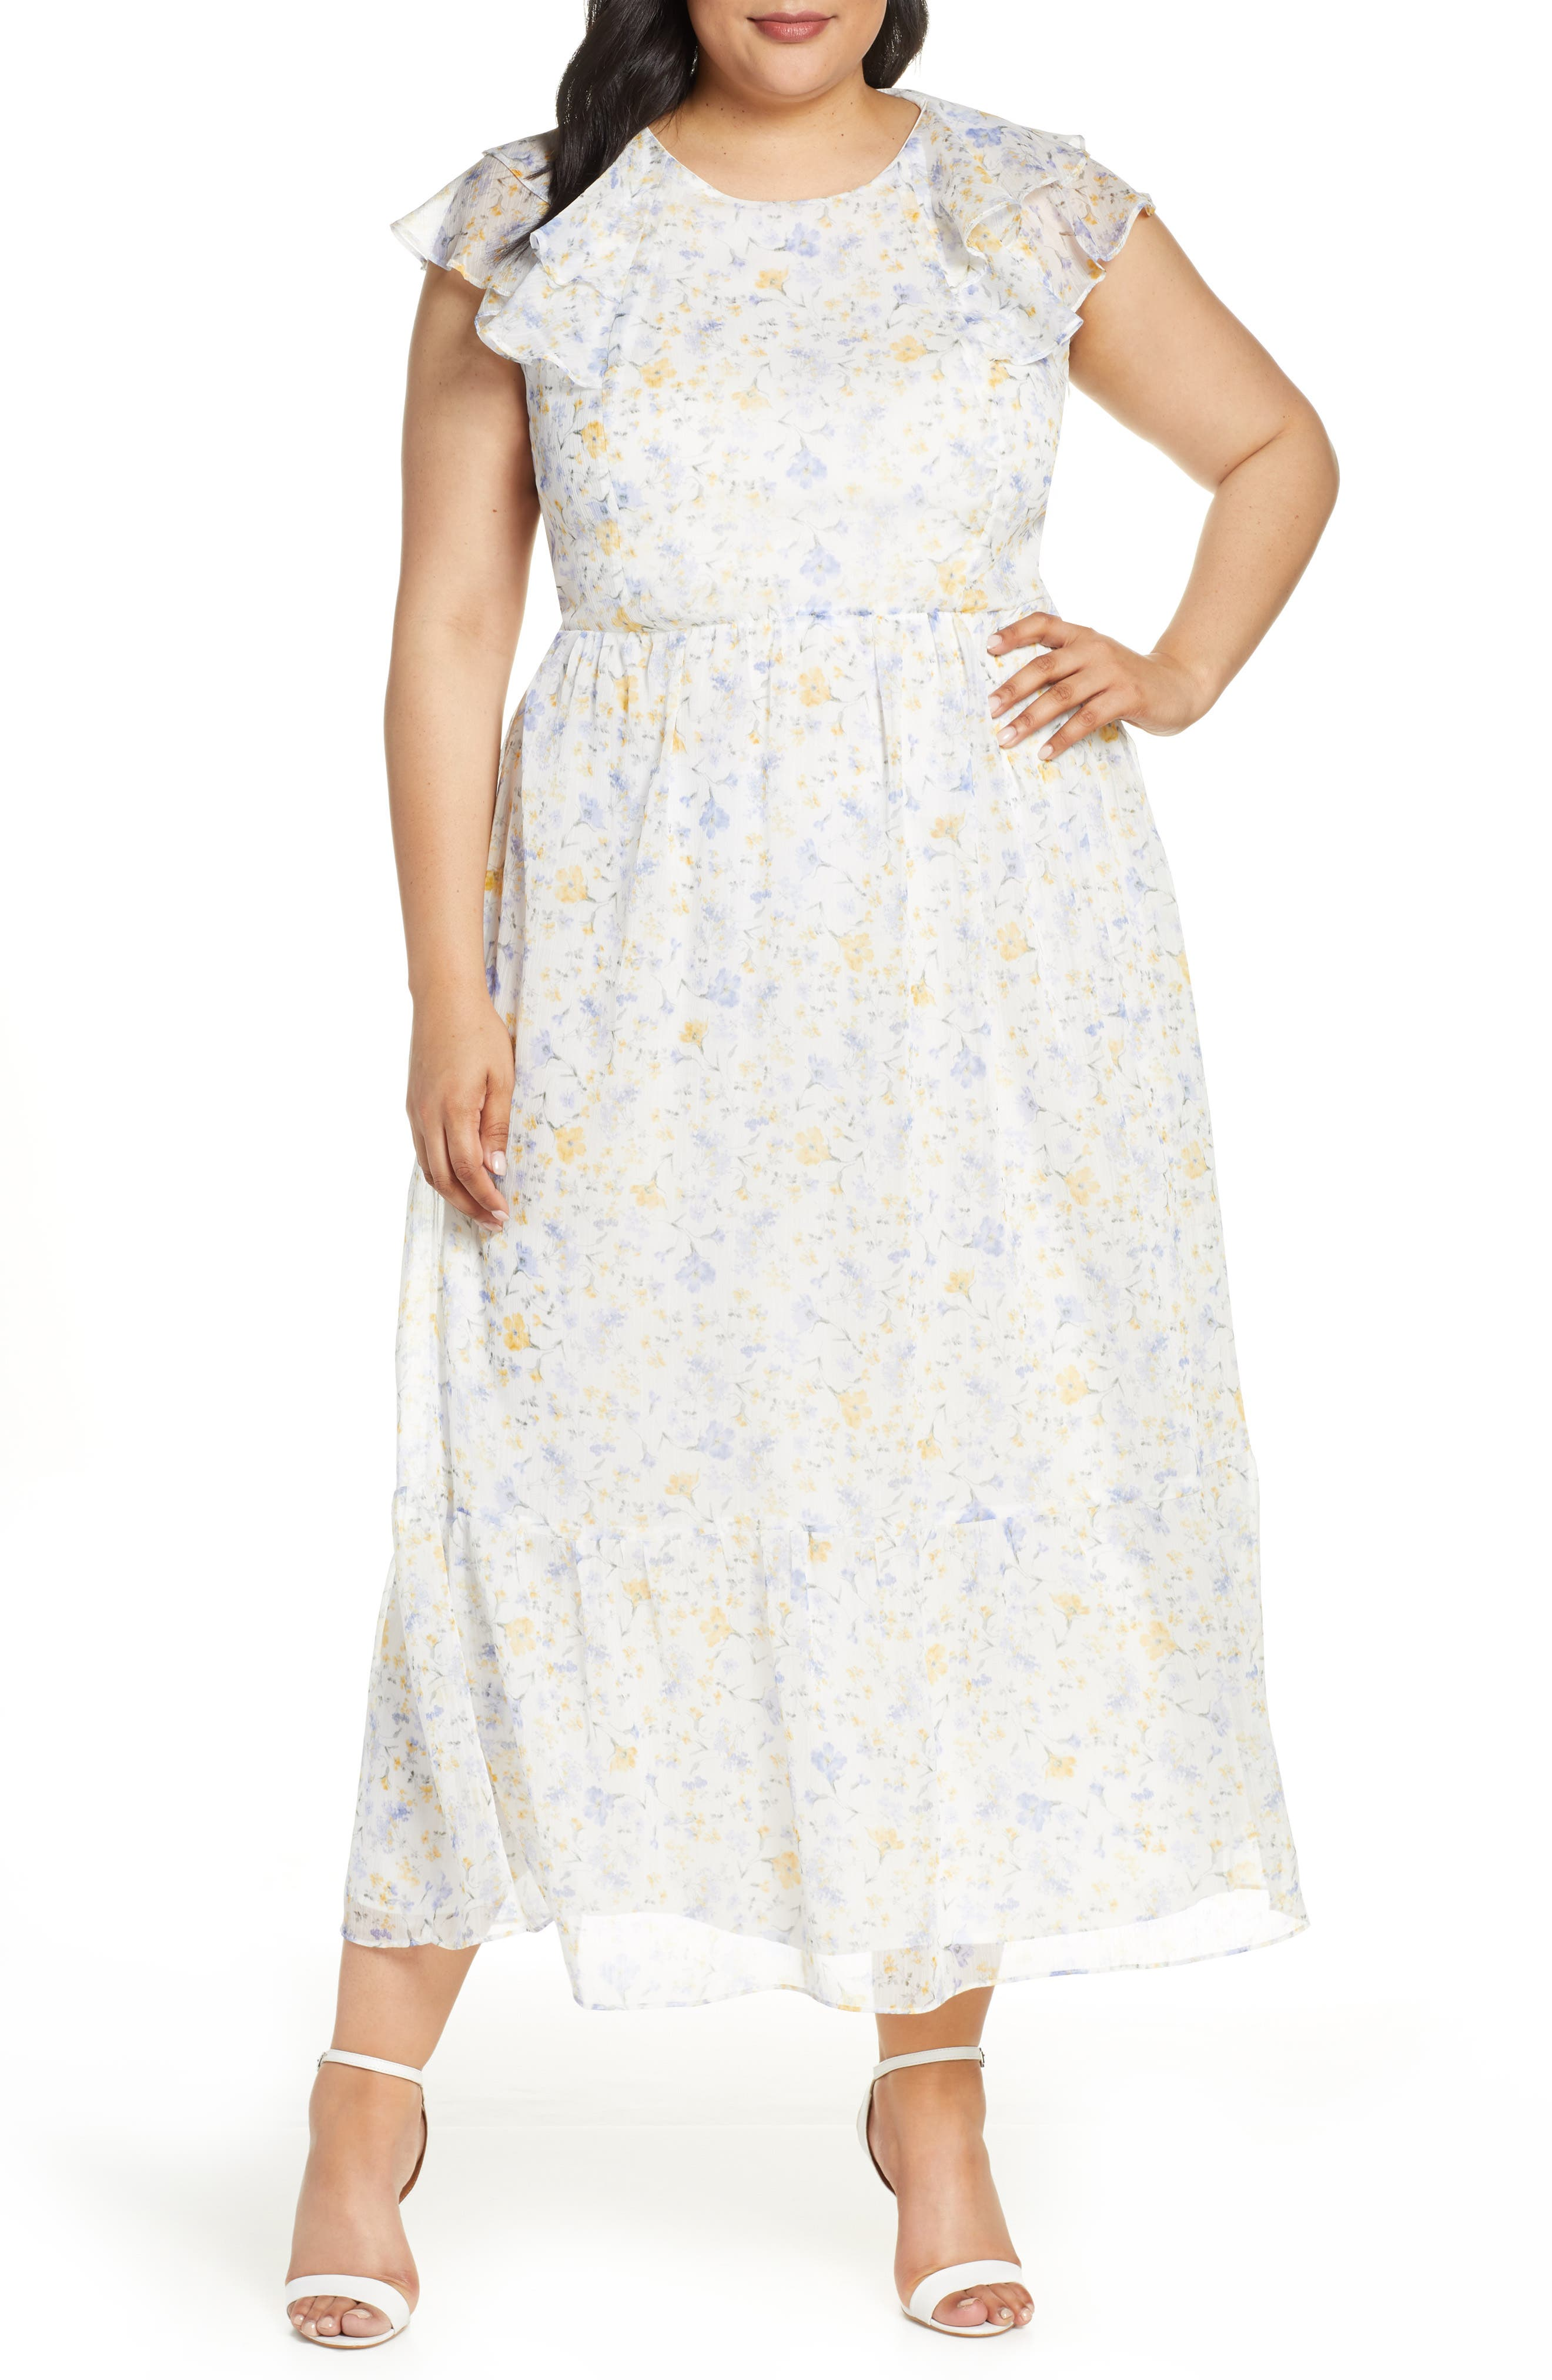 1930s Art Deco Plus Size Dresses | Tea Dresses, Party Dresses Plus Size Womens Cece Provence Floral Ruffle Hem Maxi Dress $149.00 AT vintagedancer.com